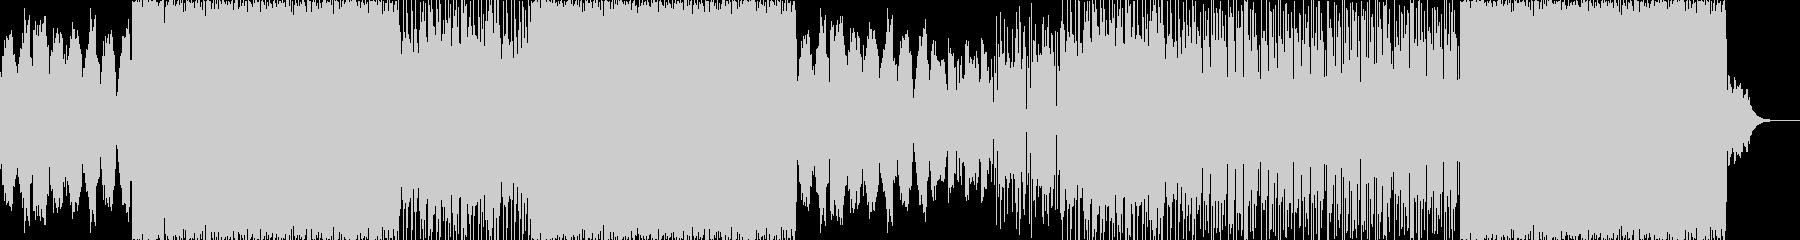 トラップ系のバランスのとれた楽曲の未再生の波形